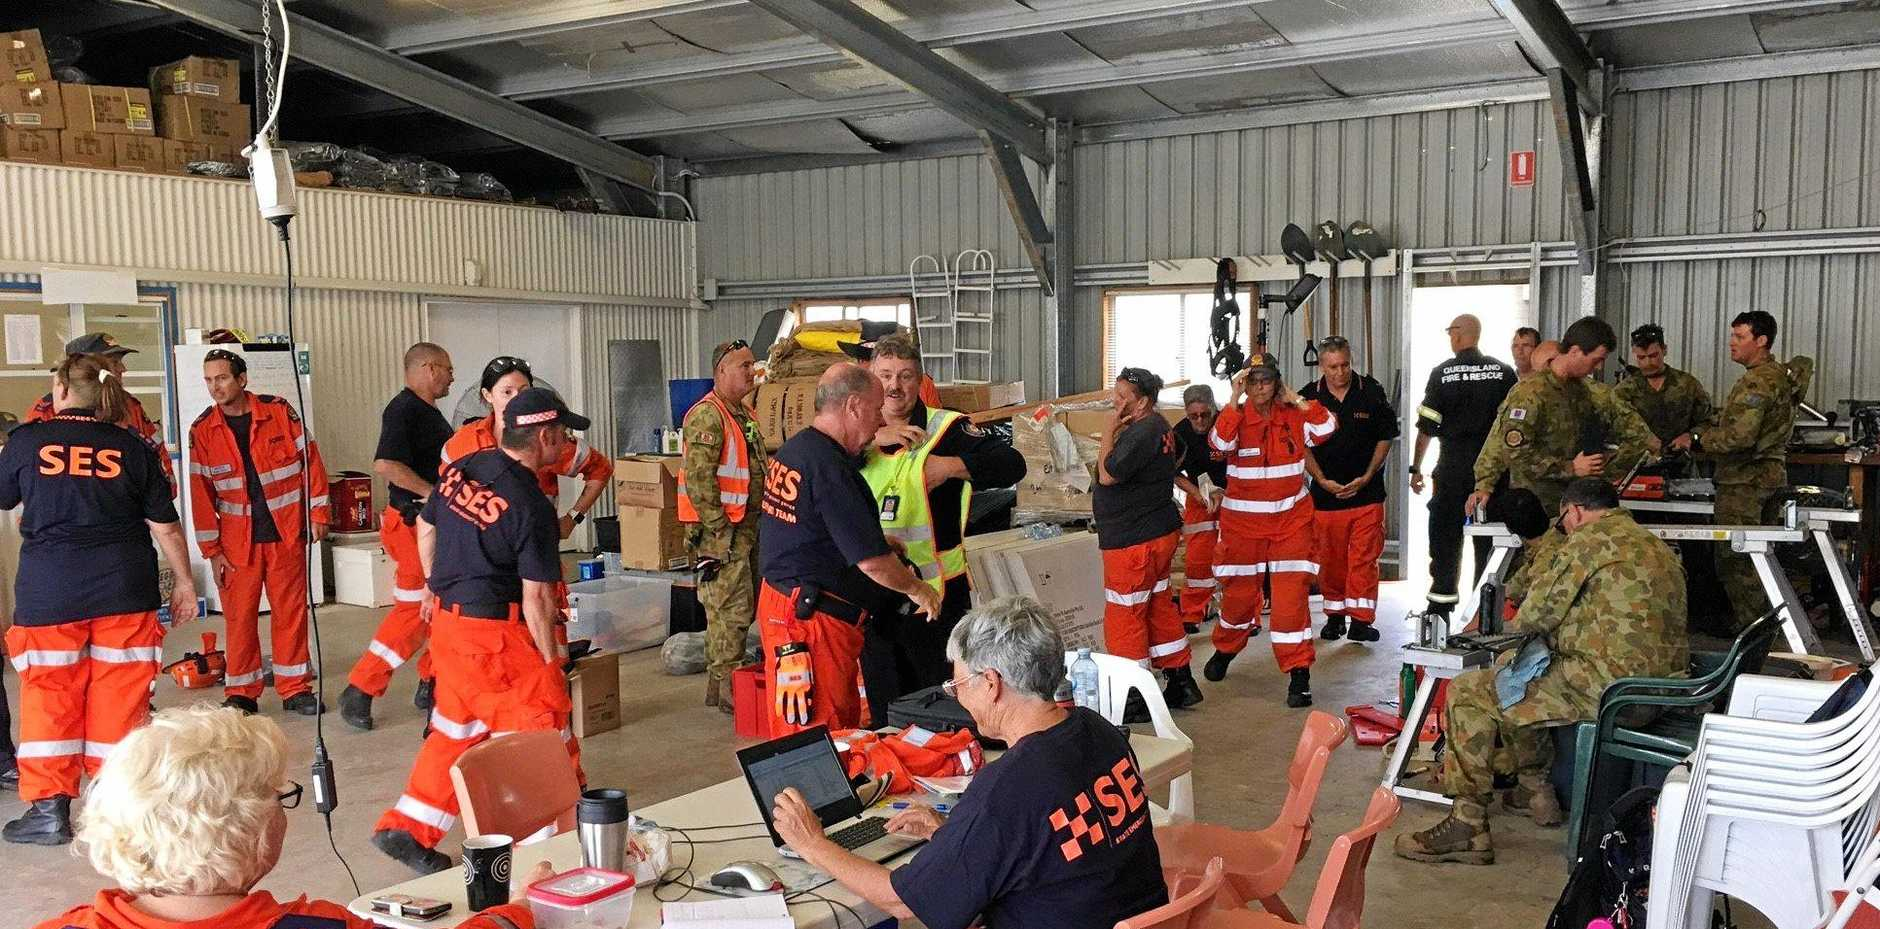 Meeting of emergency workers